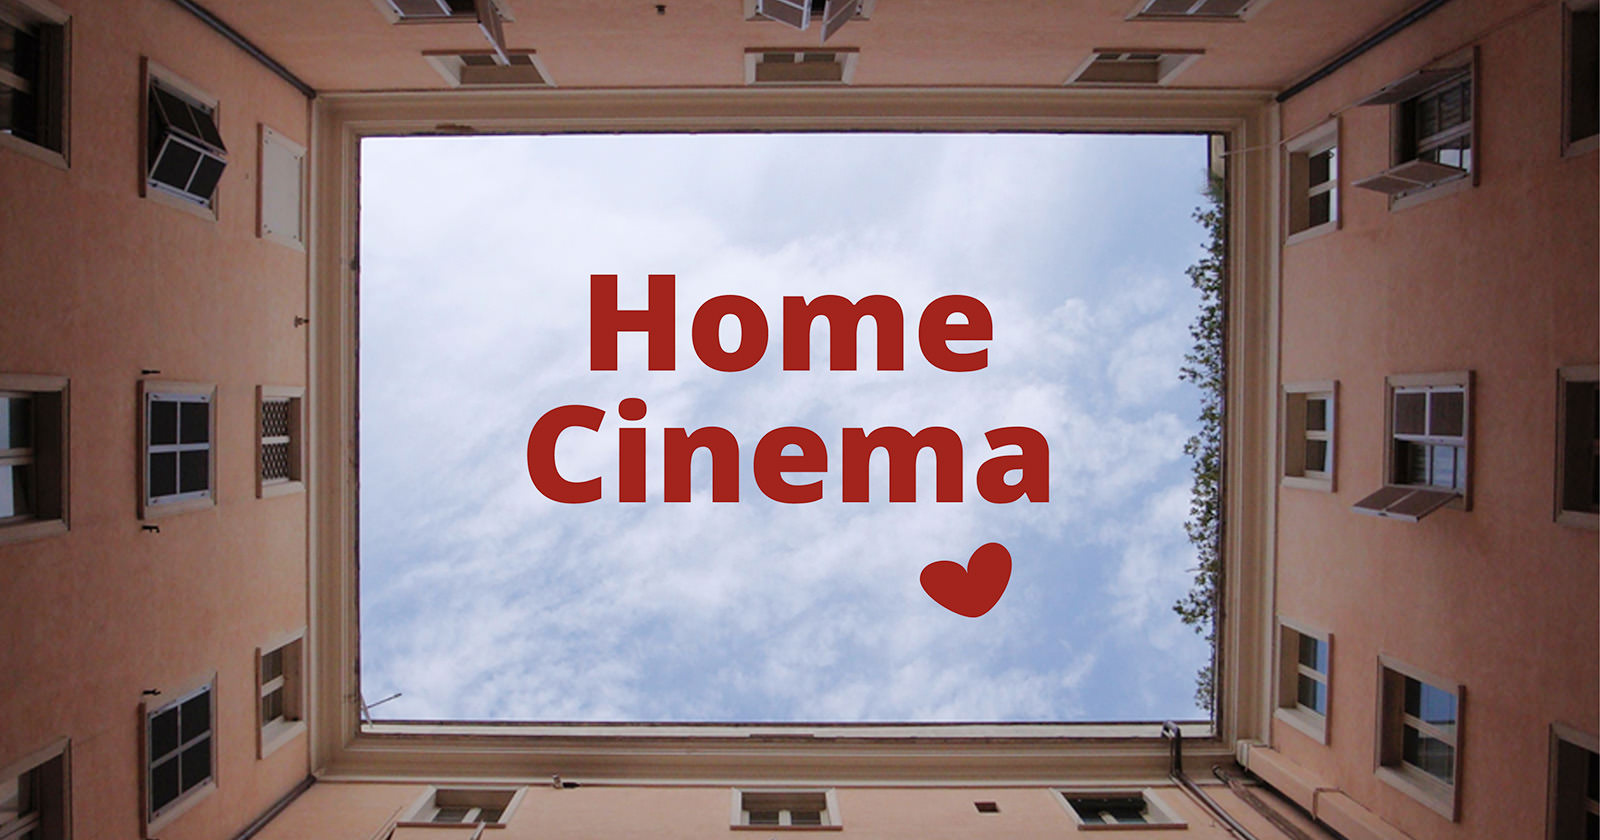 Eine Häuserschlucht von unten Fotografiert, damit der Himmel aussieht wie eine Leinwand. im Himmel steht der Text Home Cinema und ein Herz